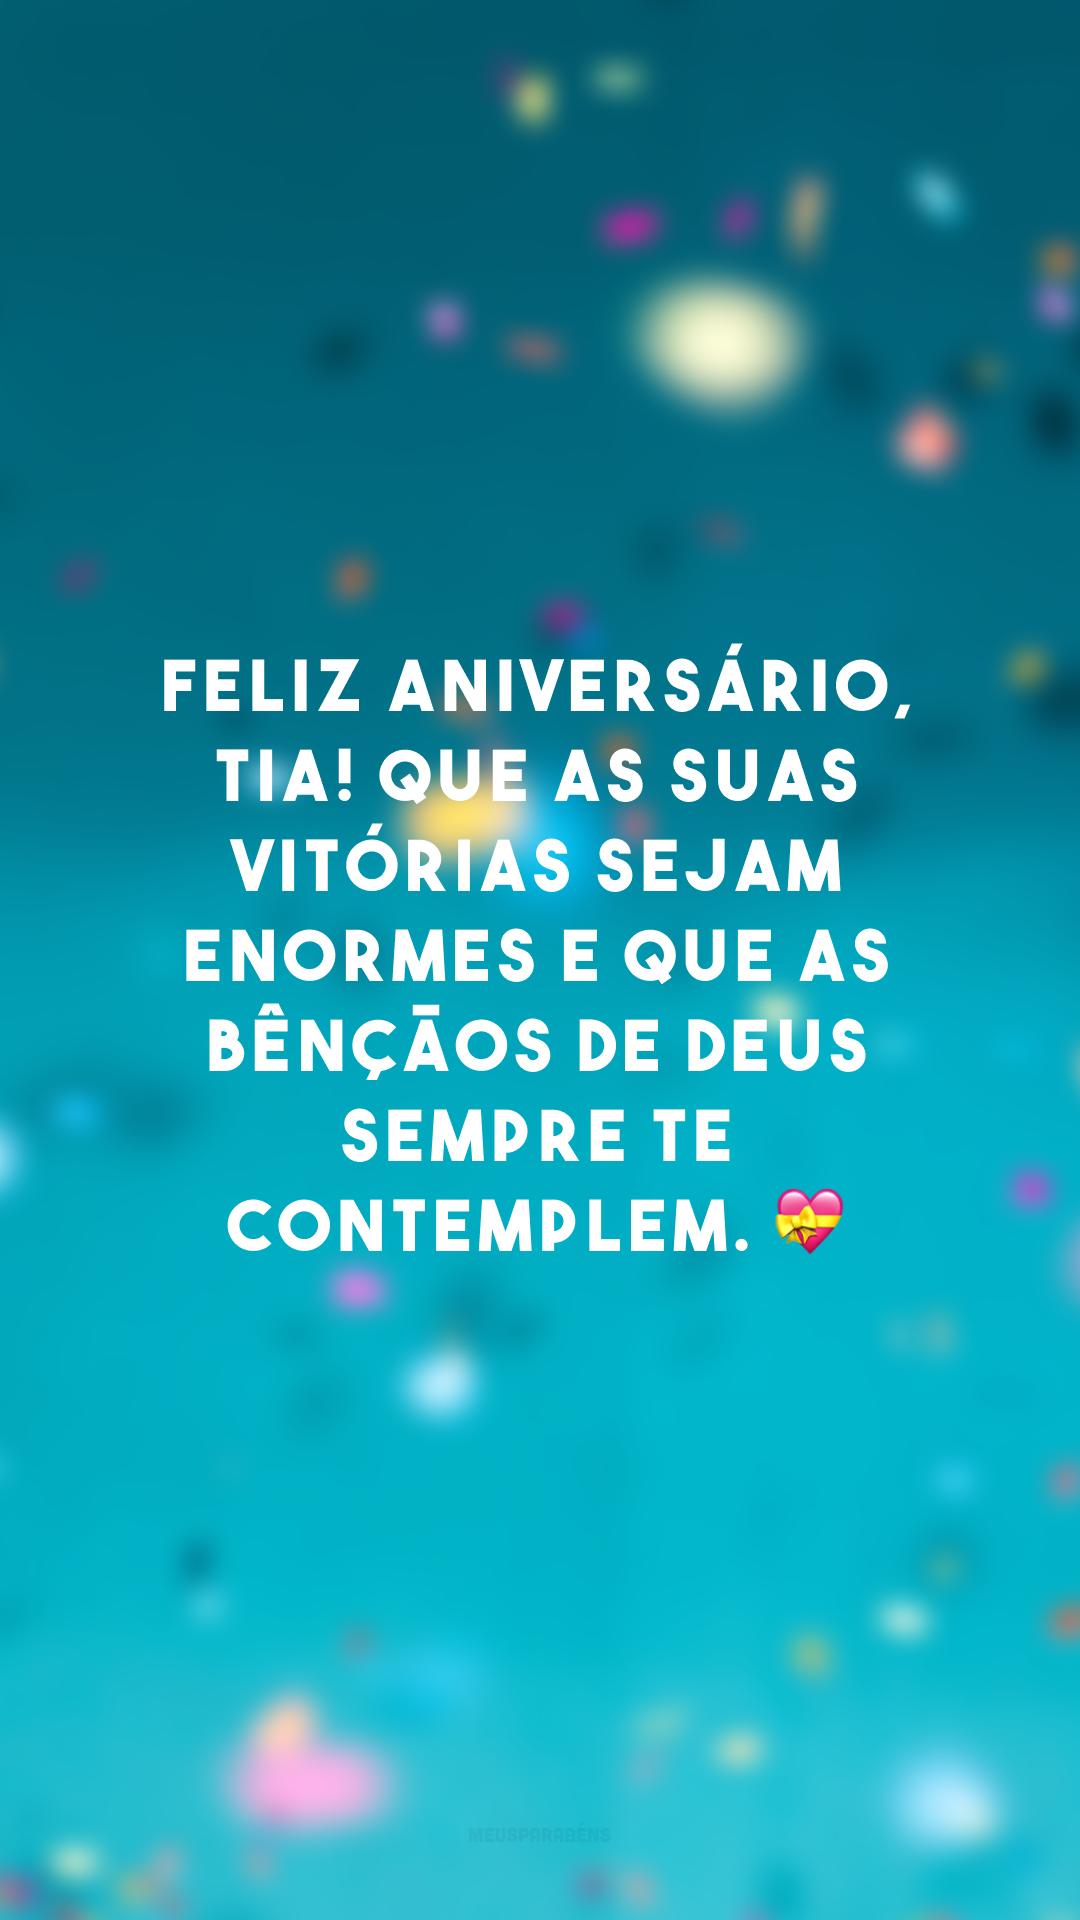 Feliz aniversário, tia! Que as suas vitórias sejam enormes e que as bênçãos de Deus sempre te contemplem. ?